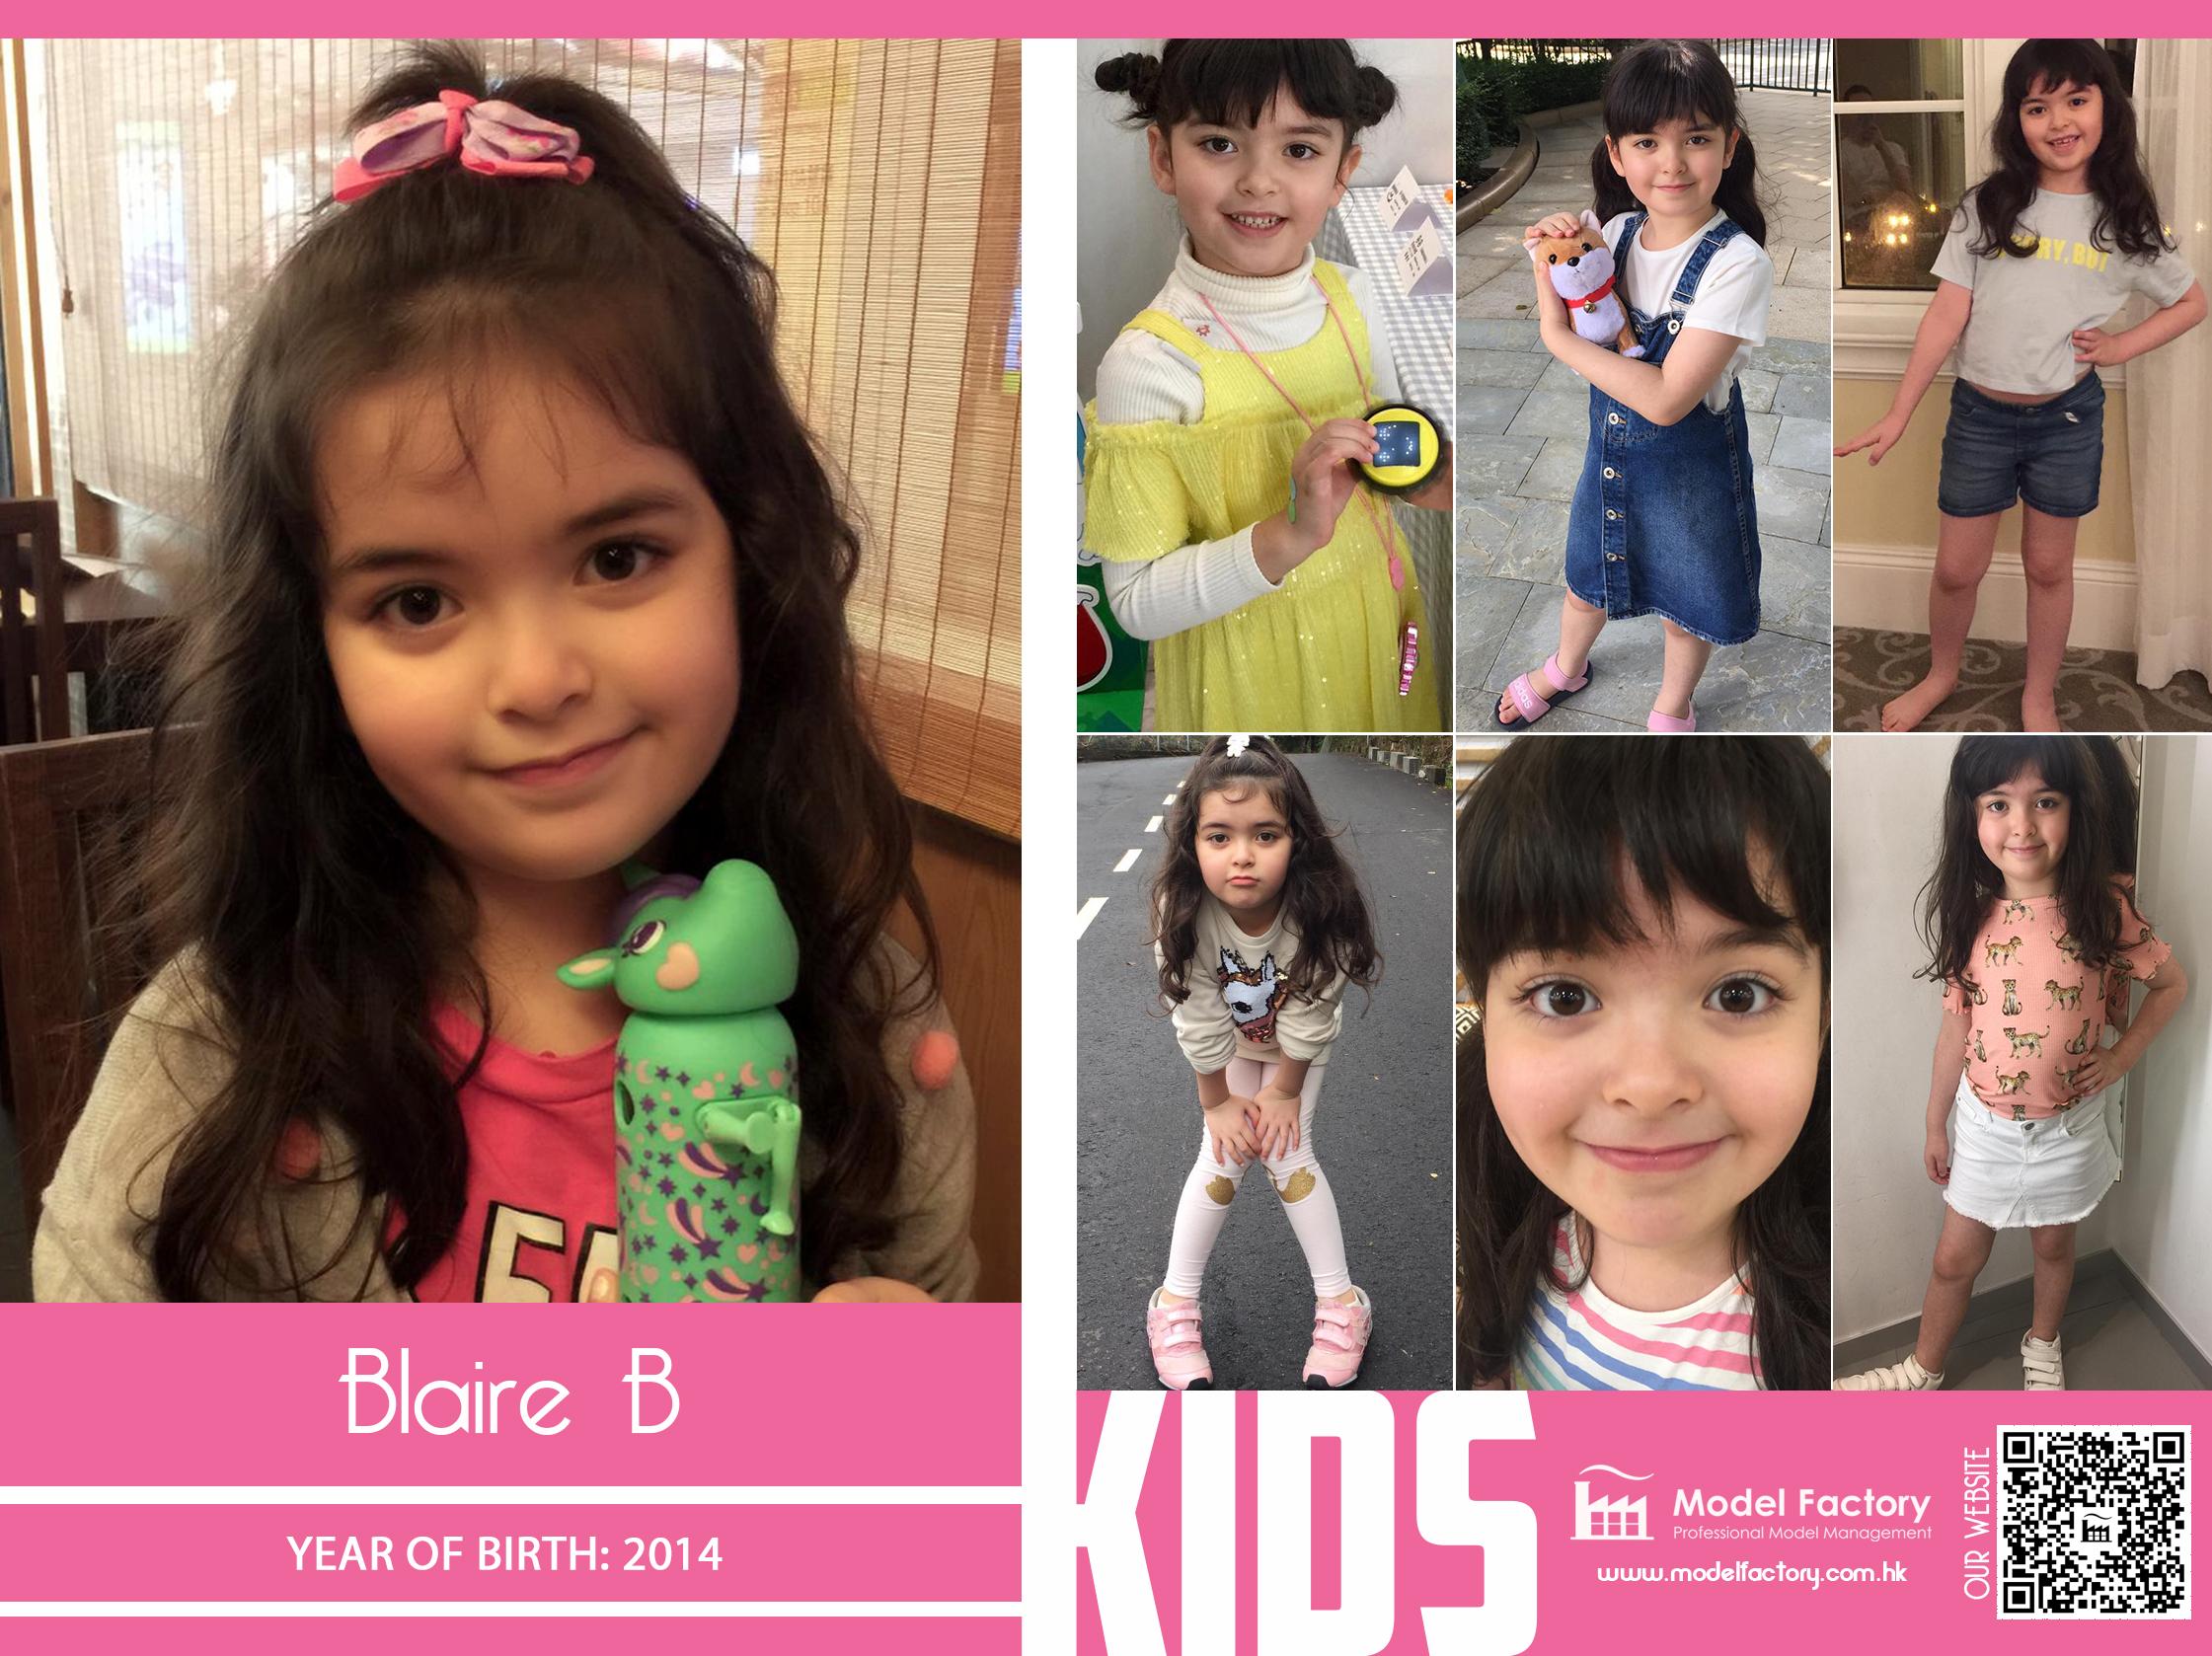 Model Factory Mix Kids Blaire B